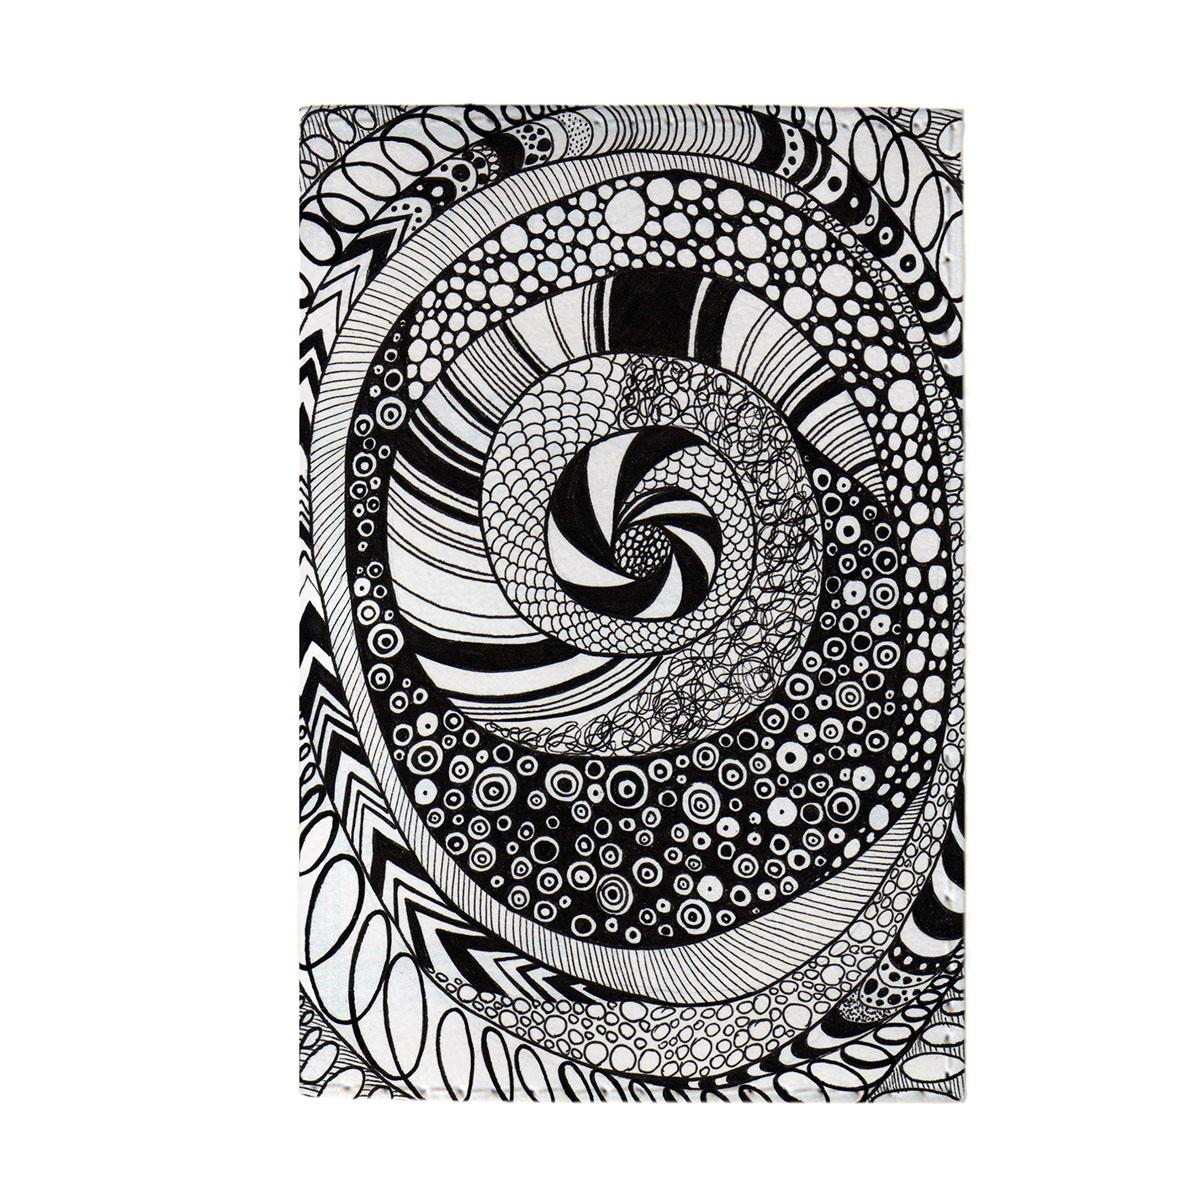 Обложка для паспорта Mitya Veselkov Дудлинг, цвет: черный, белый. OZAM401OZAM401Обложка для паспорта Mitya Veselkov Дудлинг не только поможет сохранить внешний вид ваших документов и защитить их от повреждений, но и станет стильным аксессуаром, идеально подходящим вашему образу. Она выполнена из поливинилхлорида, внутри имеет два вертикальных кармашка из прозрачного пластика. Такая обложка поможет вам подчеркнуть свою индивидуальность и неповторимость! Обложка для паспорта стильного дизайна может быть достойным и оригинальным подарком.